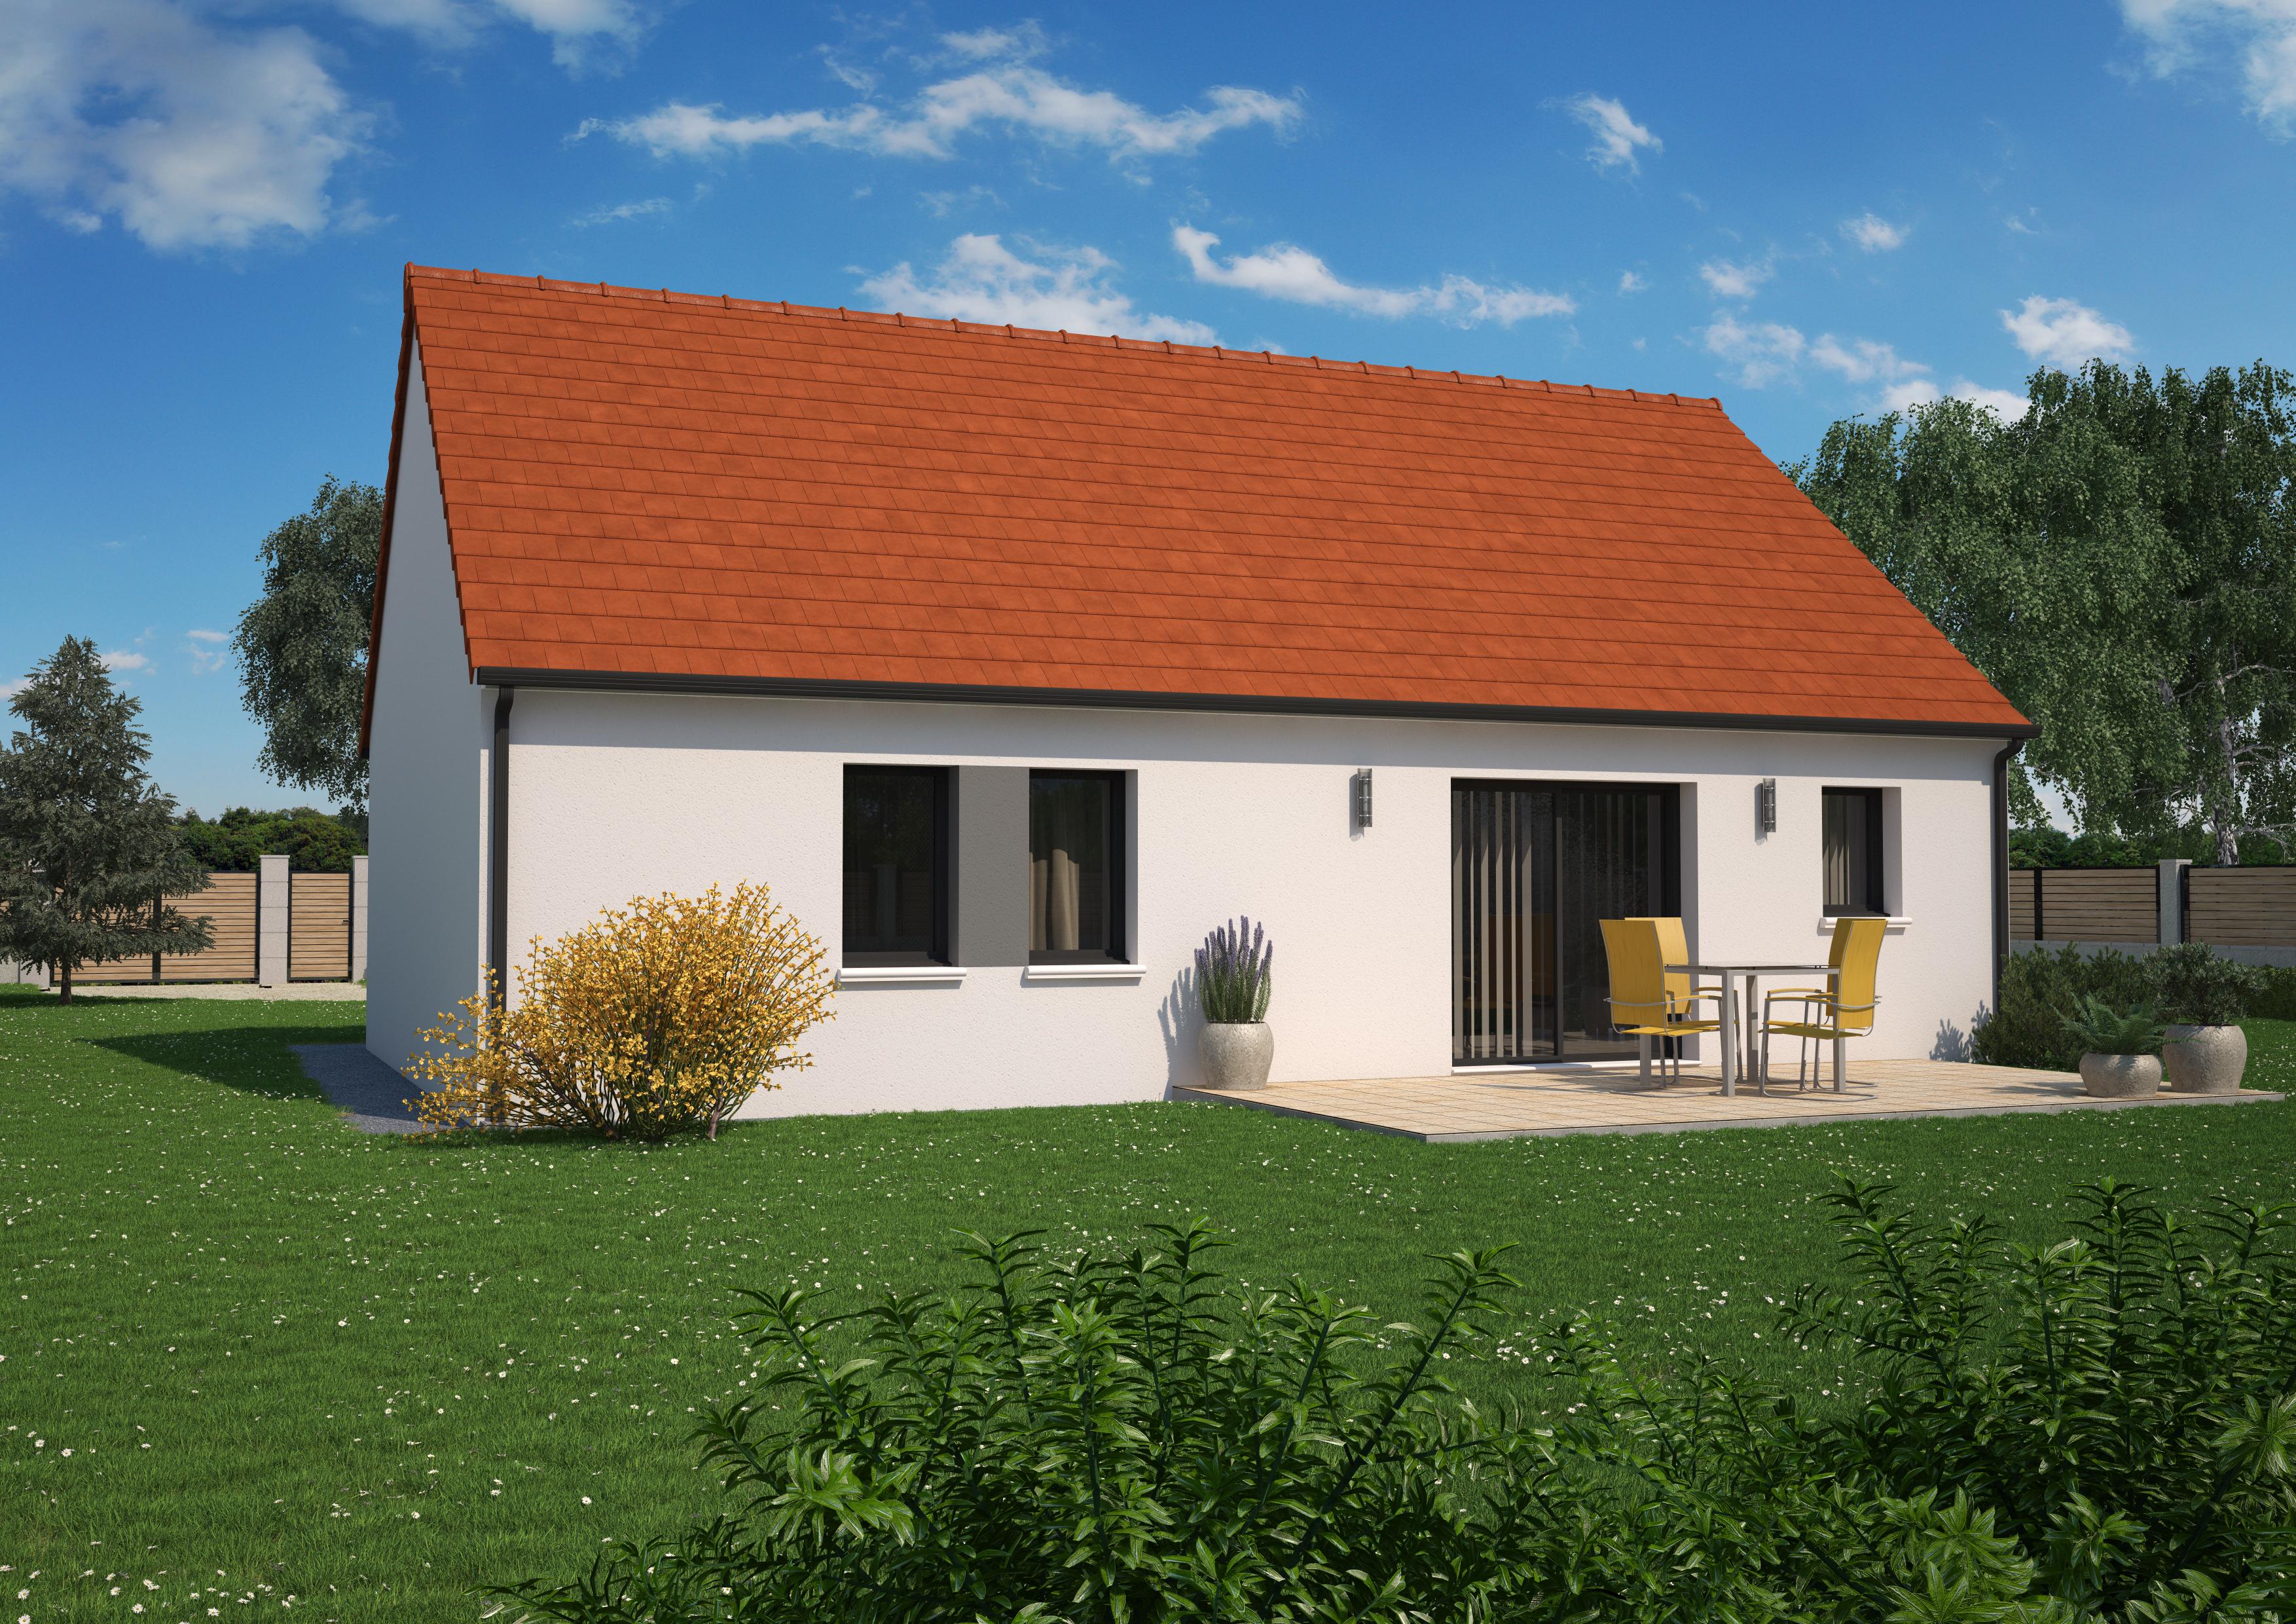 Maison à vendre à Saint-Germain-des-Prés